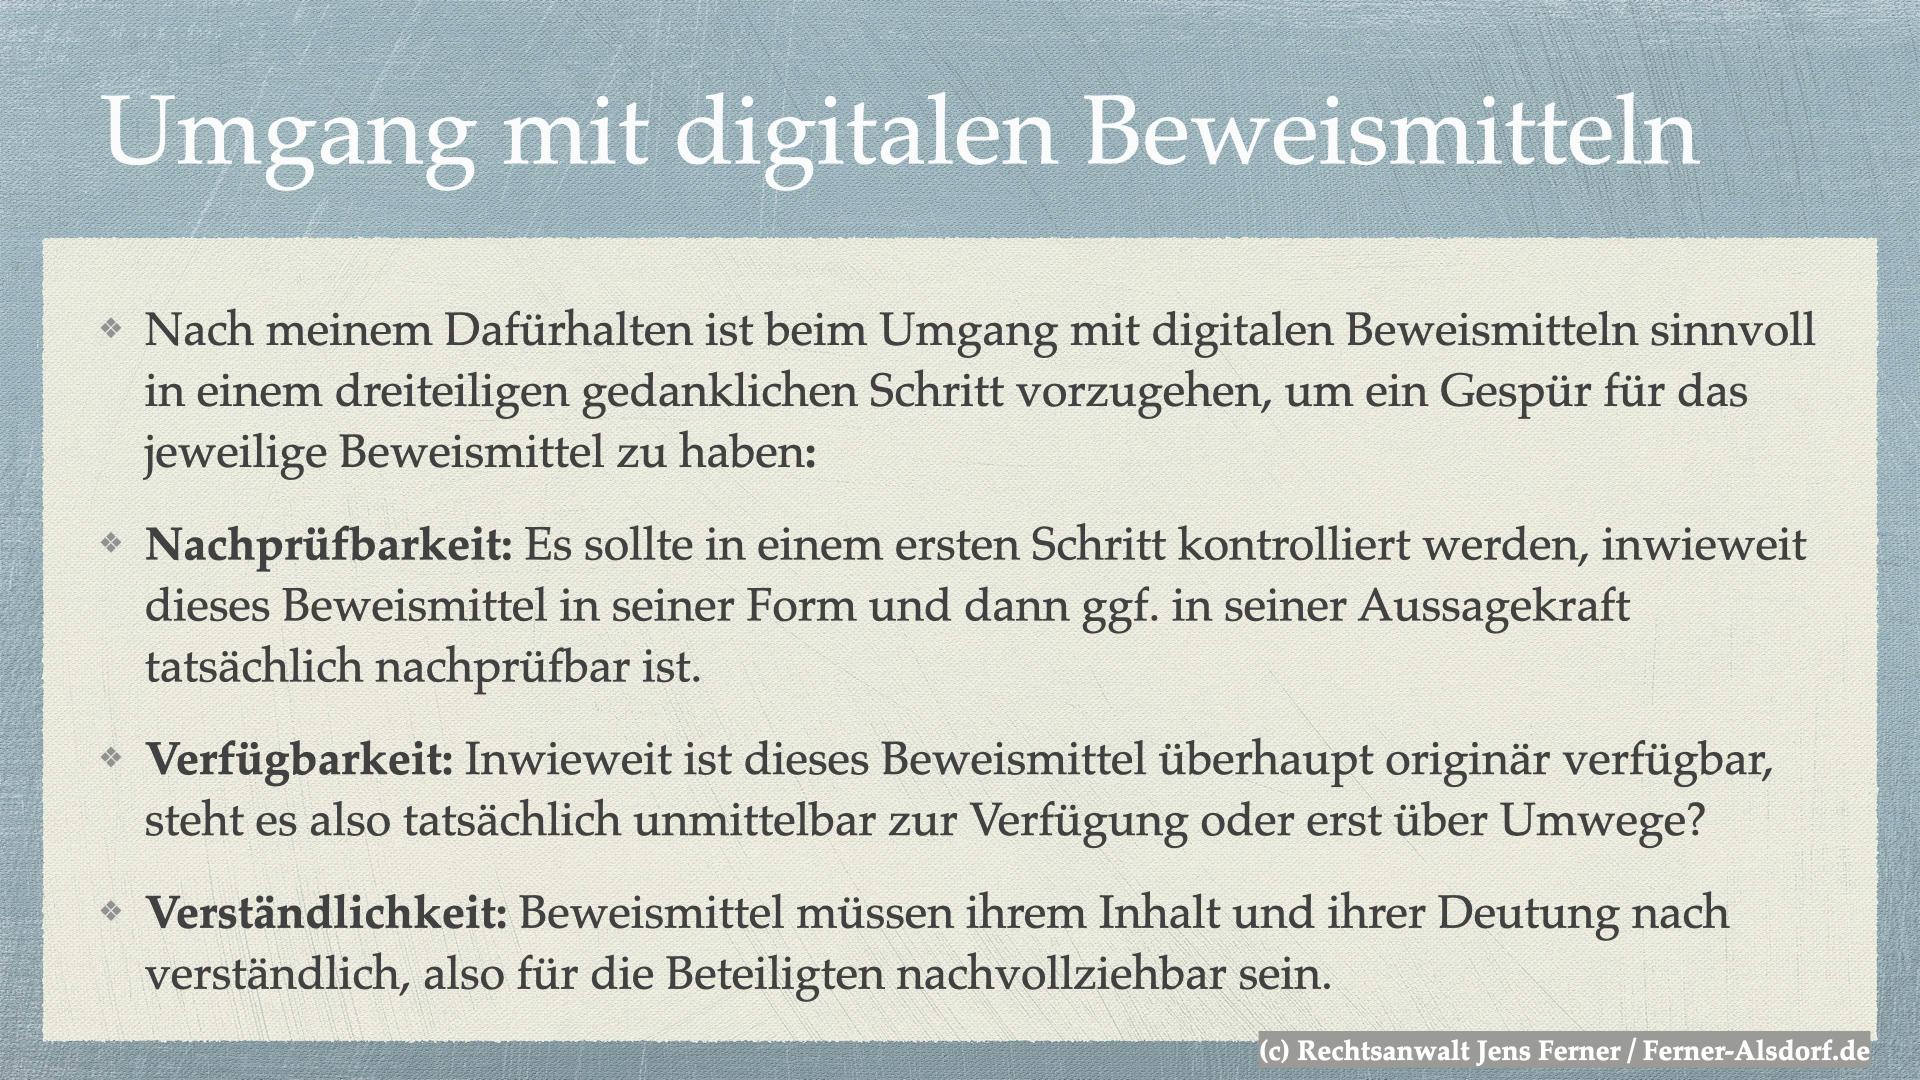 Digitale Beweismittel - Ferner: Rechtsanwalt für Strafrecht, Verkehrsrecht, IT-Recht Aachen